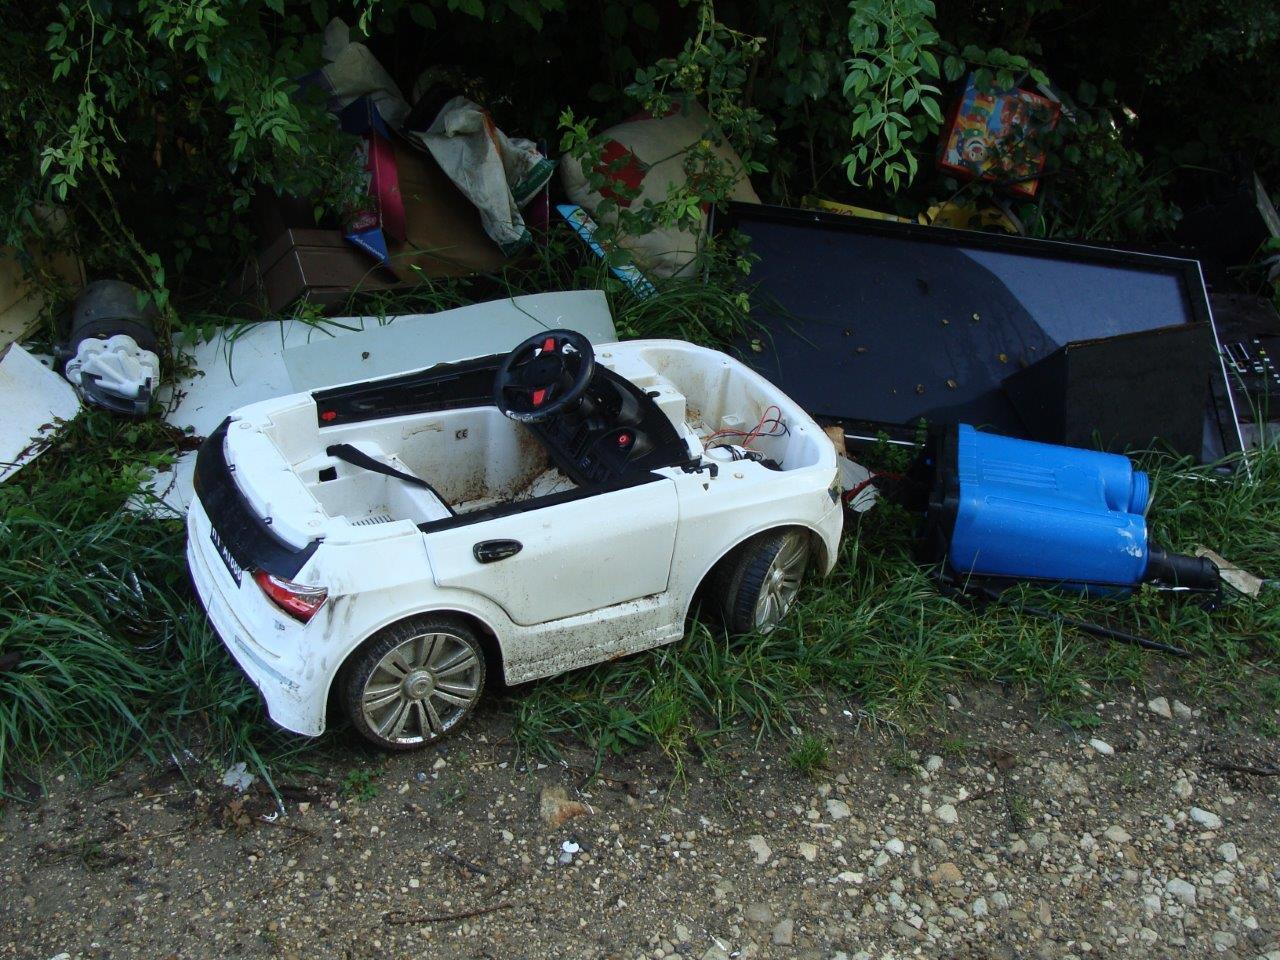 Il est clair que l'on gagne du temps en laissant sa voiture ici, plutôt que de l'emmener à la casse automobile de Fossoy.